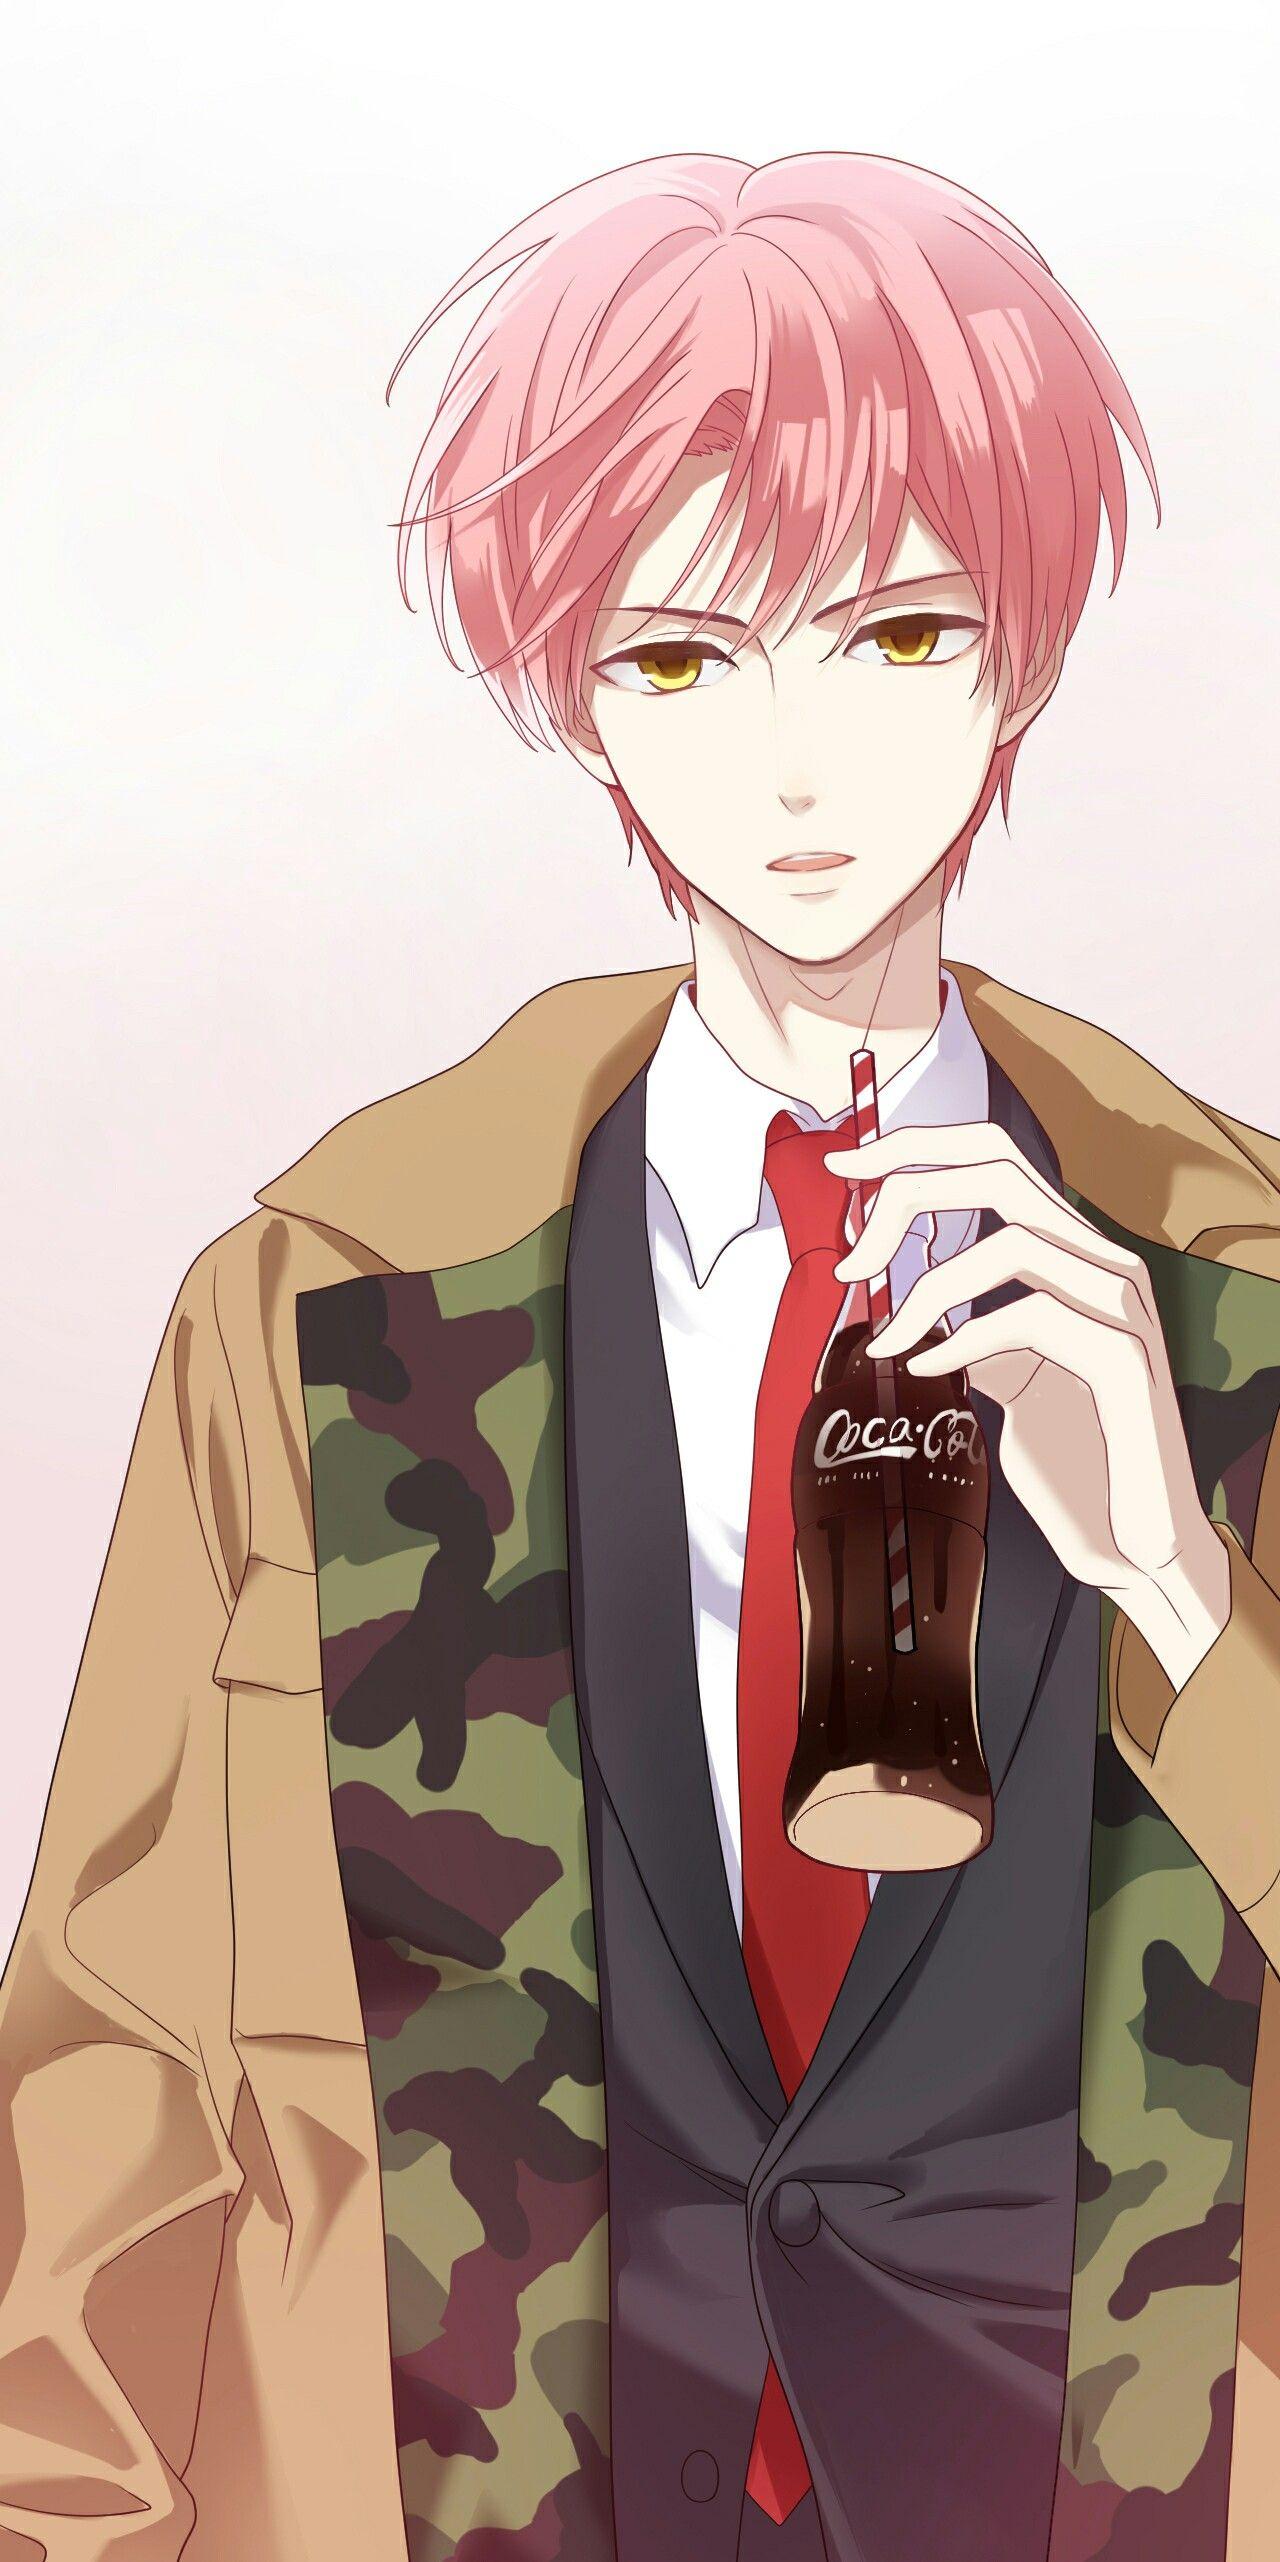 47c2cf13015584d0fc5b1ba69ef1fc6f Jpg 1280 2562 Manga Anime Gambar Karakter Karakter Animasi